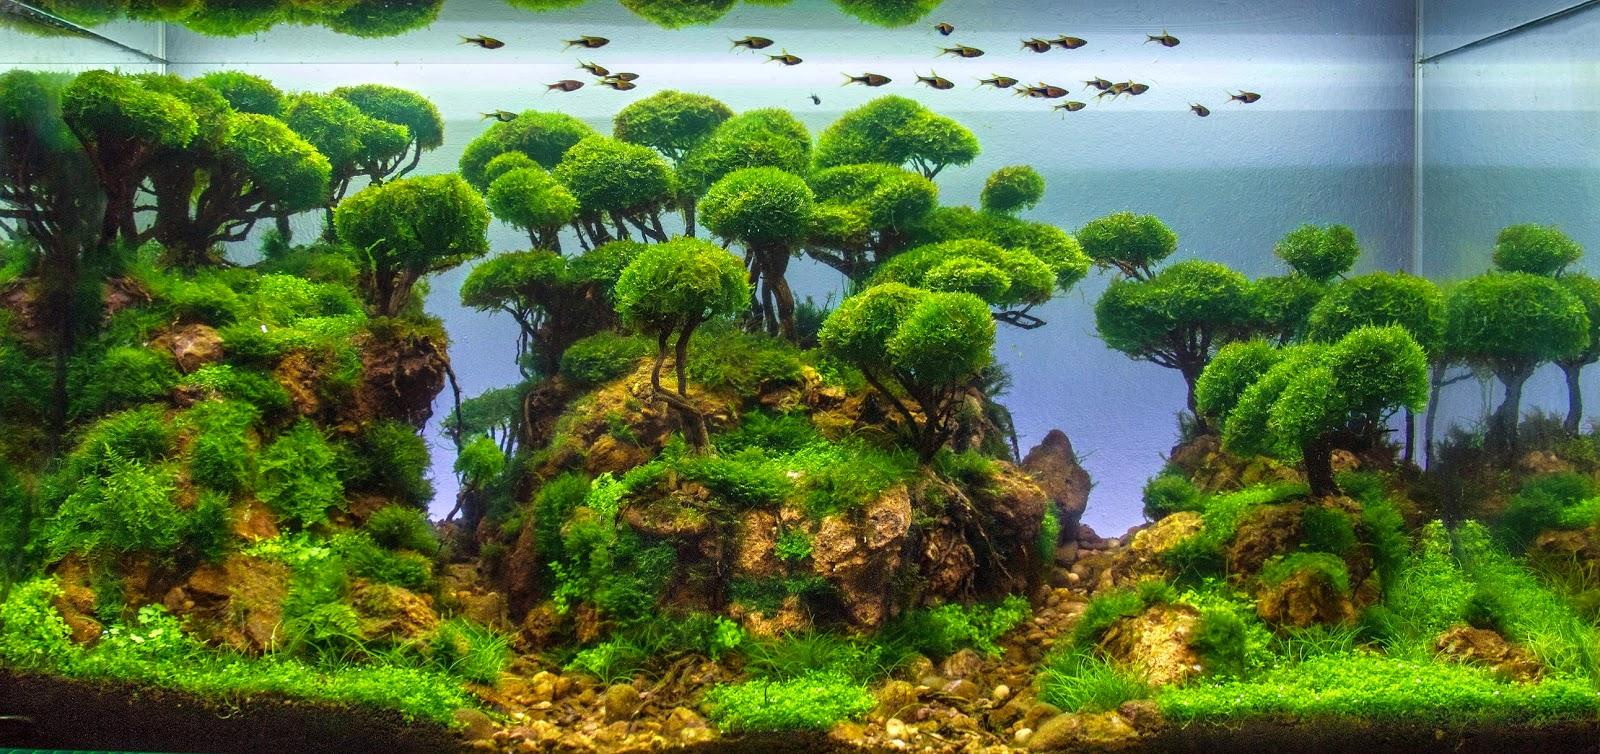 hồ thủy sinh bố cục rừng của tác giả Bernat Hosta